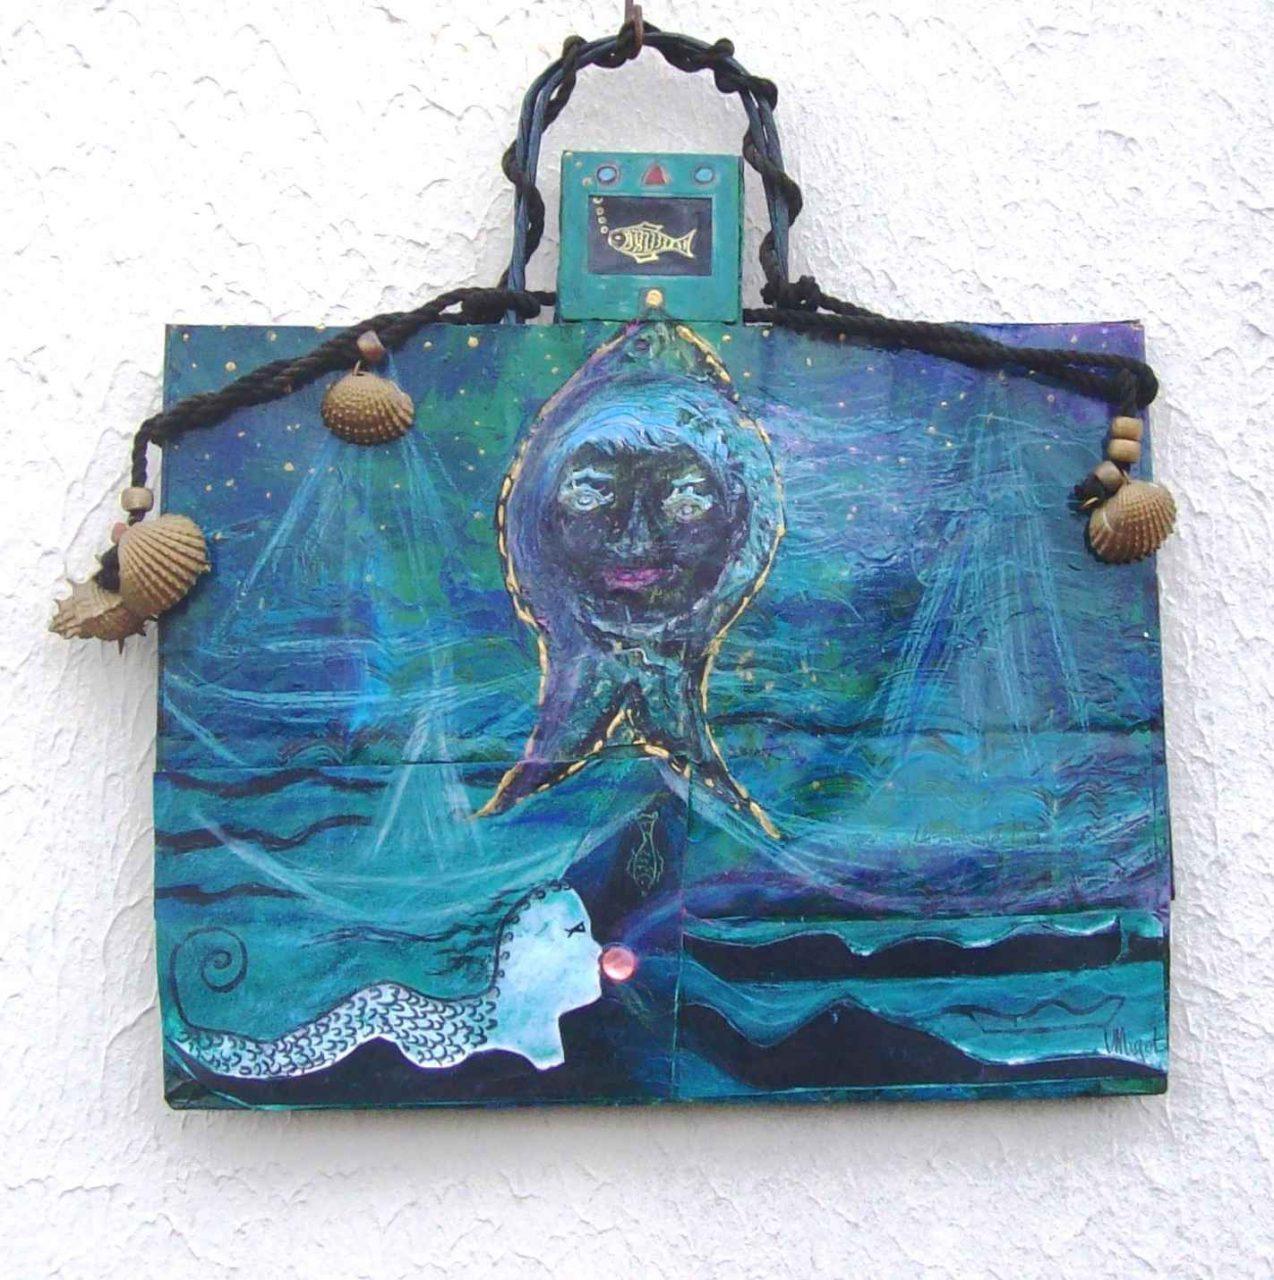 Enfant Poisson Lune / Child Sunfish par Vinca Migot